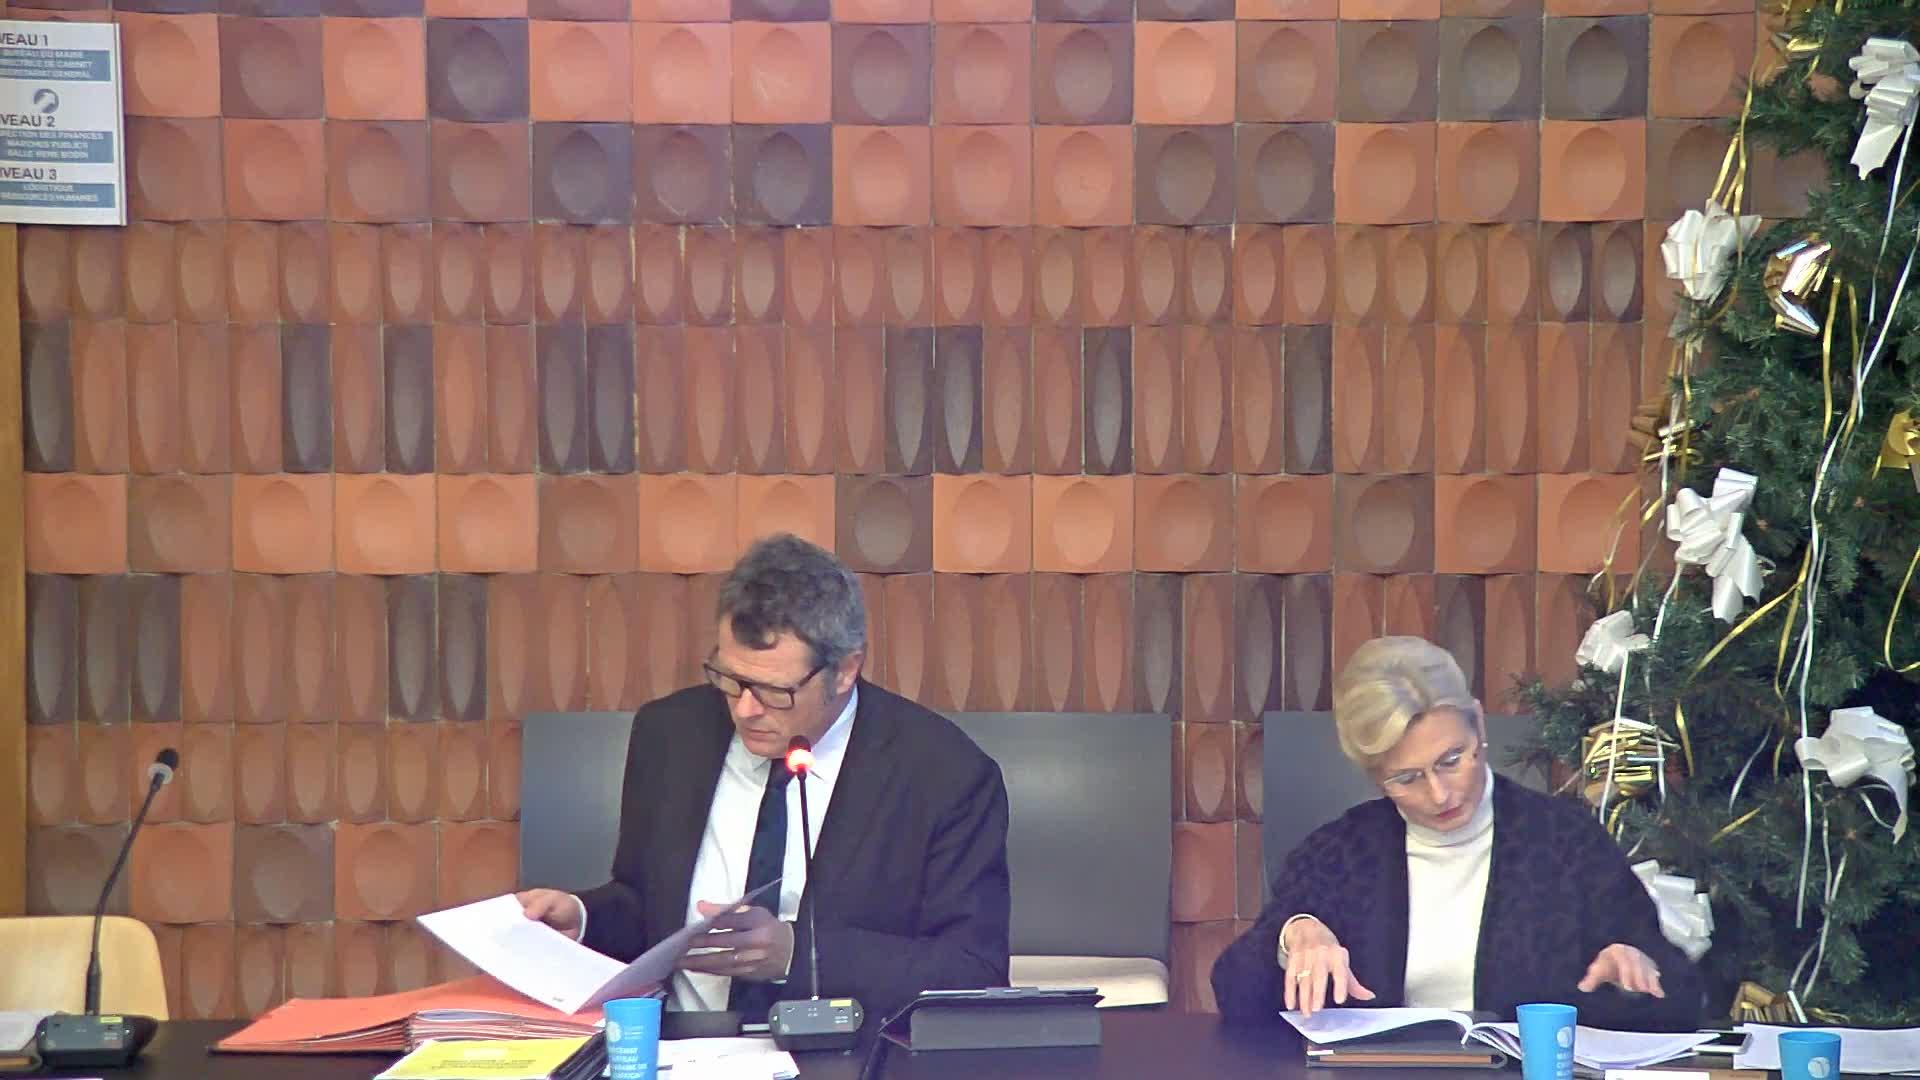 Convention de partenariat entre la ville, le centre social CAF Jolibois et l'association des utilisateurs du centre social CAF Jolibois